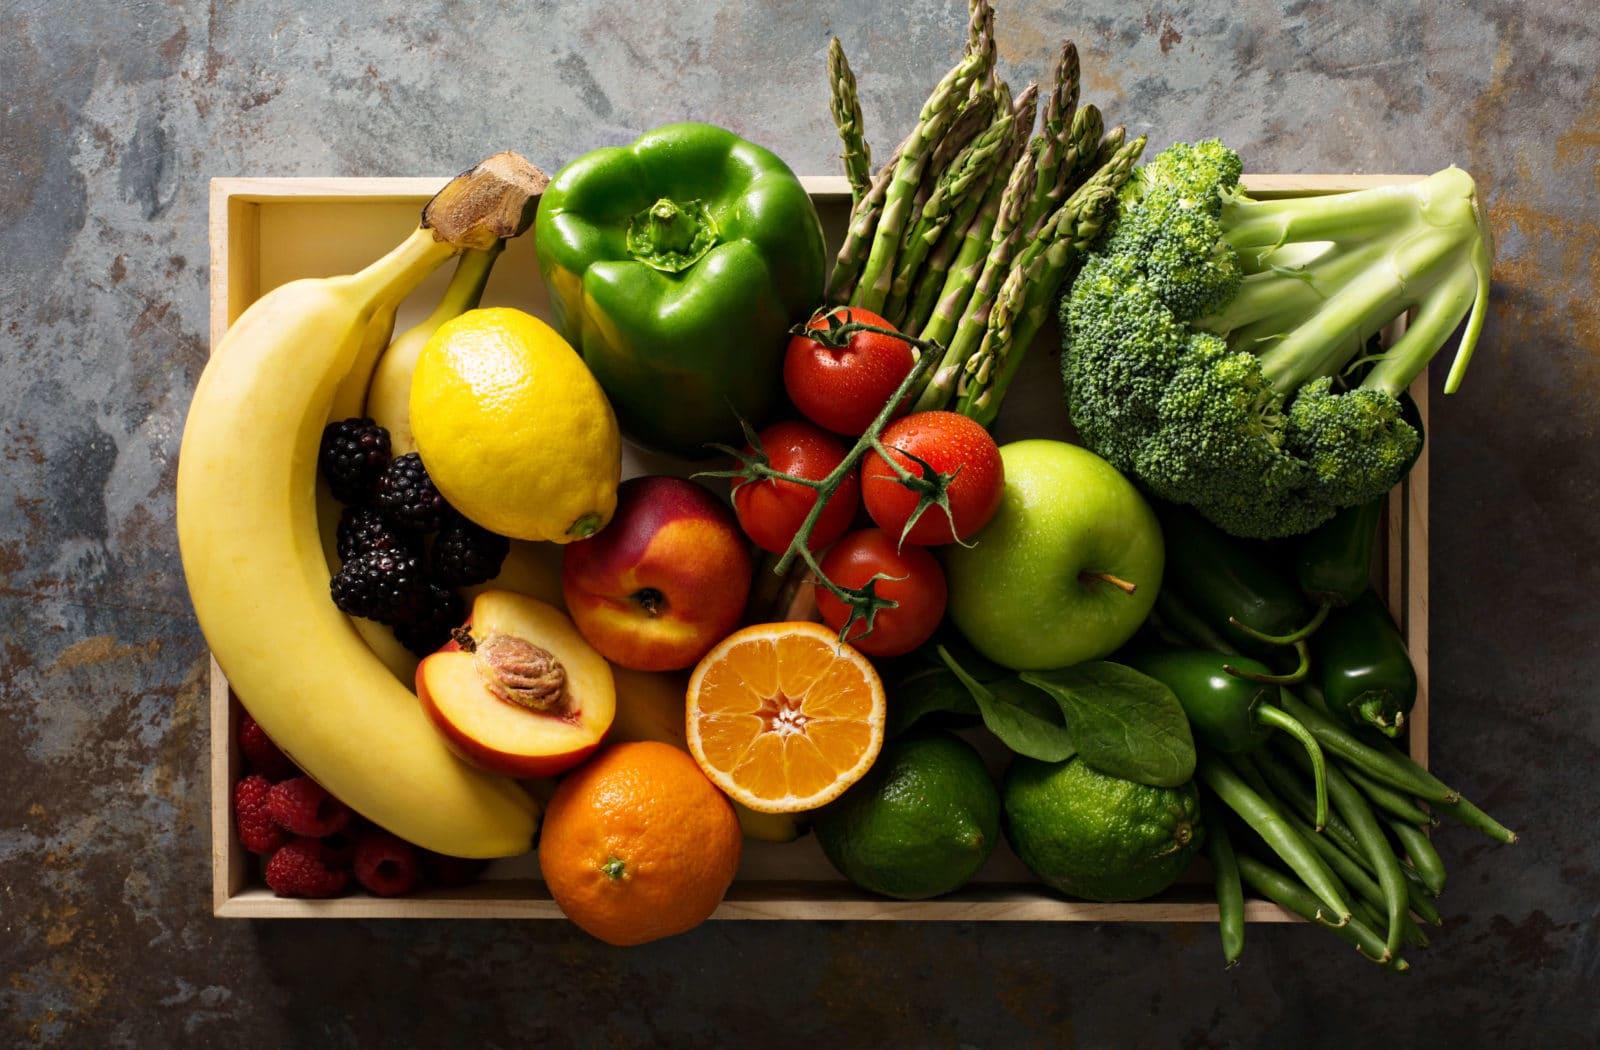 Aproveite as frutas da estação